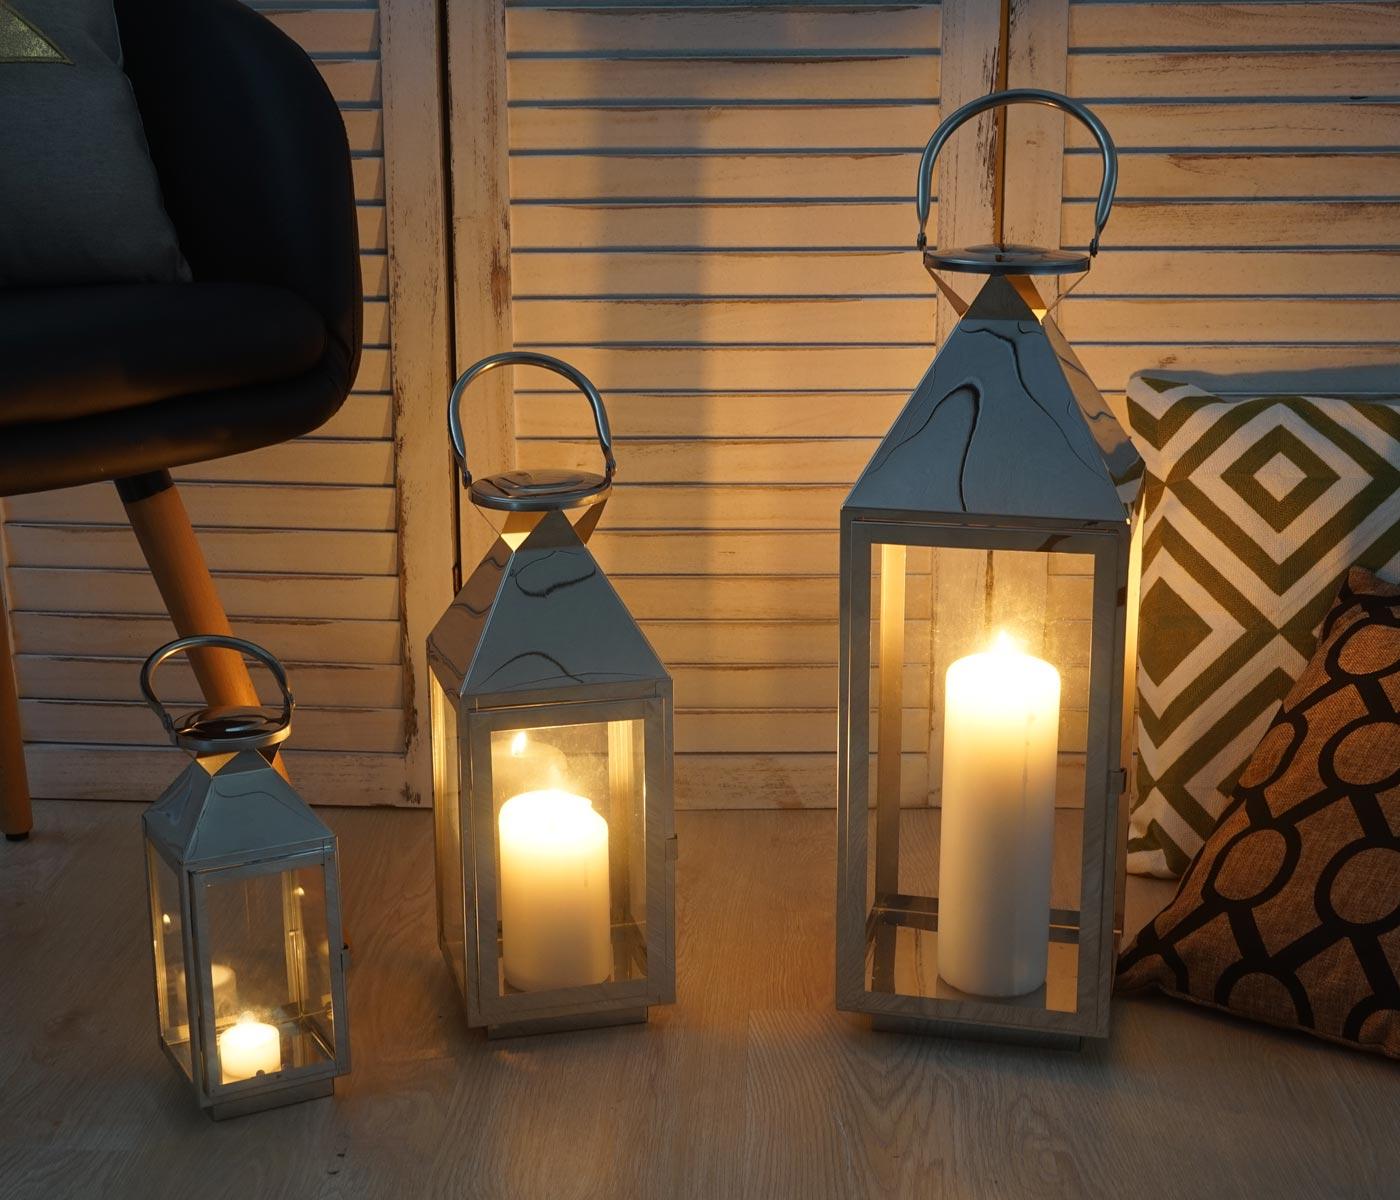 3er set laterne derby windlicht gartenlaterne h he 53 38. Black Bedroom Furniture Sets. Home Design Ideas